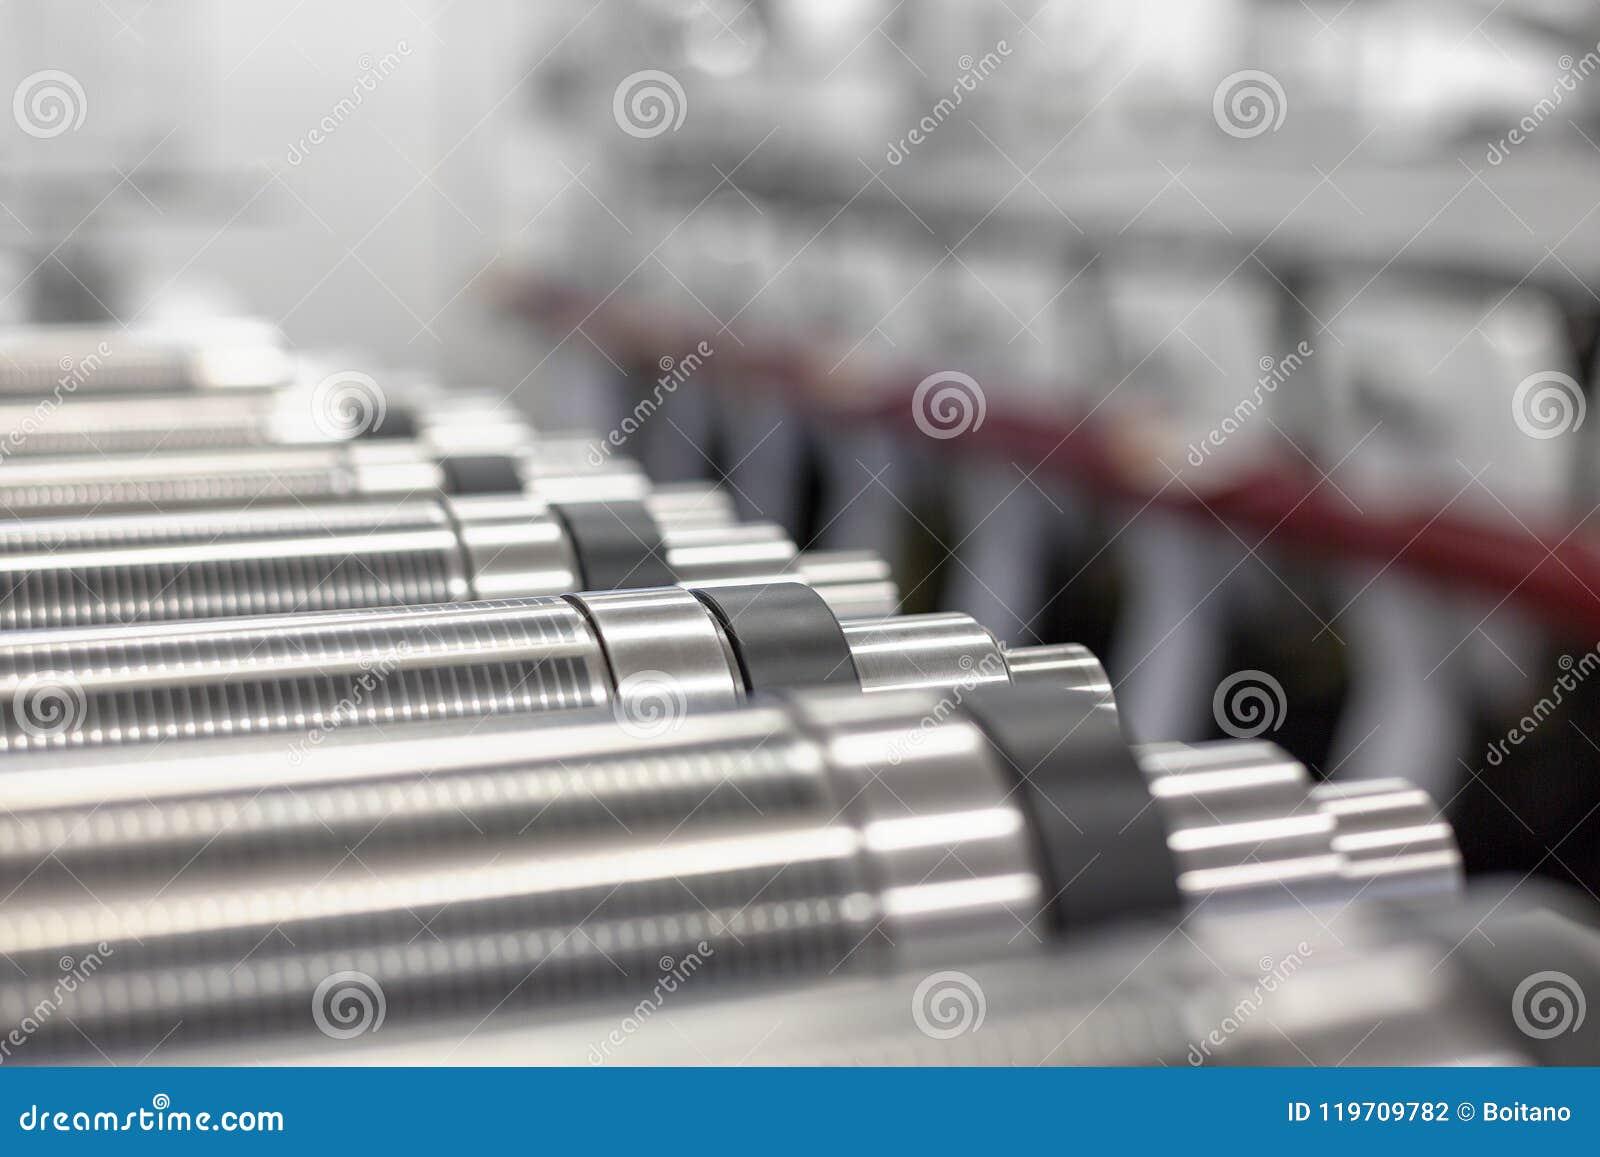 Cilindros magnéticos alinhados para cortado na máquina impressora giratória Cilindro magnético para cortar giratório do flexo